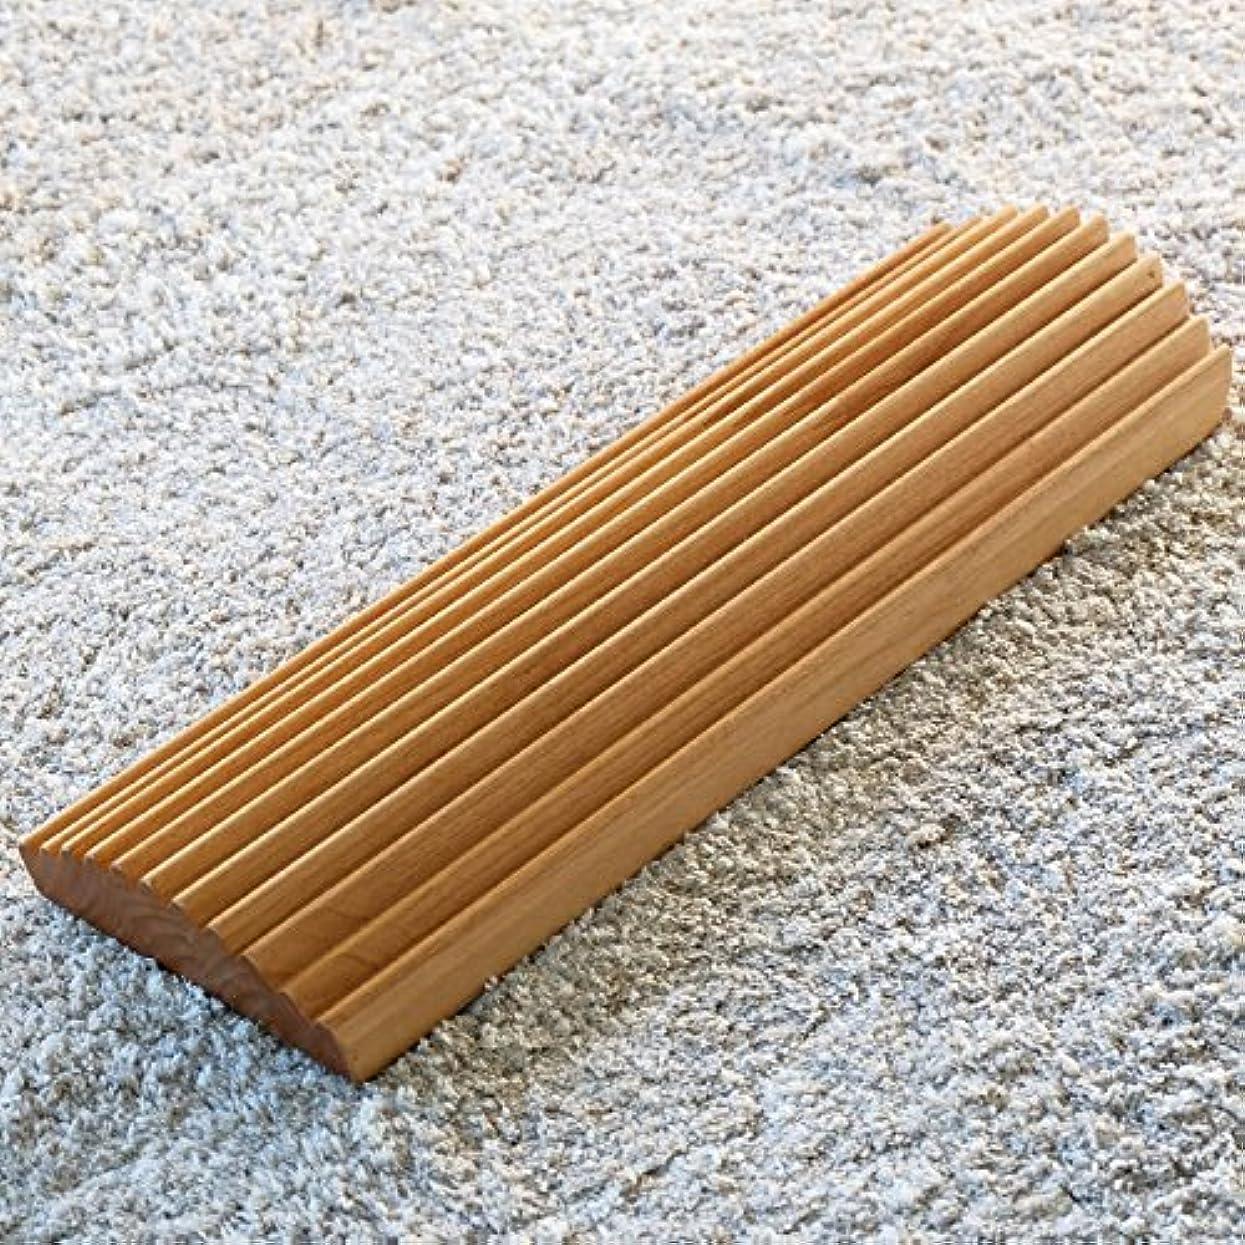 流行真似る頭痛ISSEIKI 足踏み アルダー材 幅40cm FIT ASIFUMI 40 (NA) フットケア 木製 おしゃれ プレゼント 指圧代用 FIT ASIFUMI 40 (AL-NA)